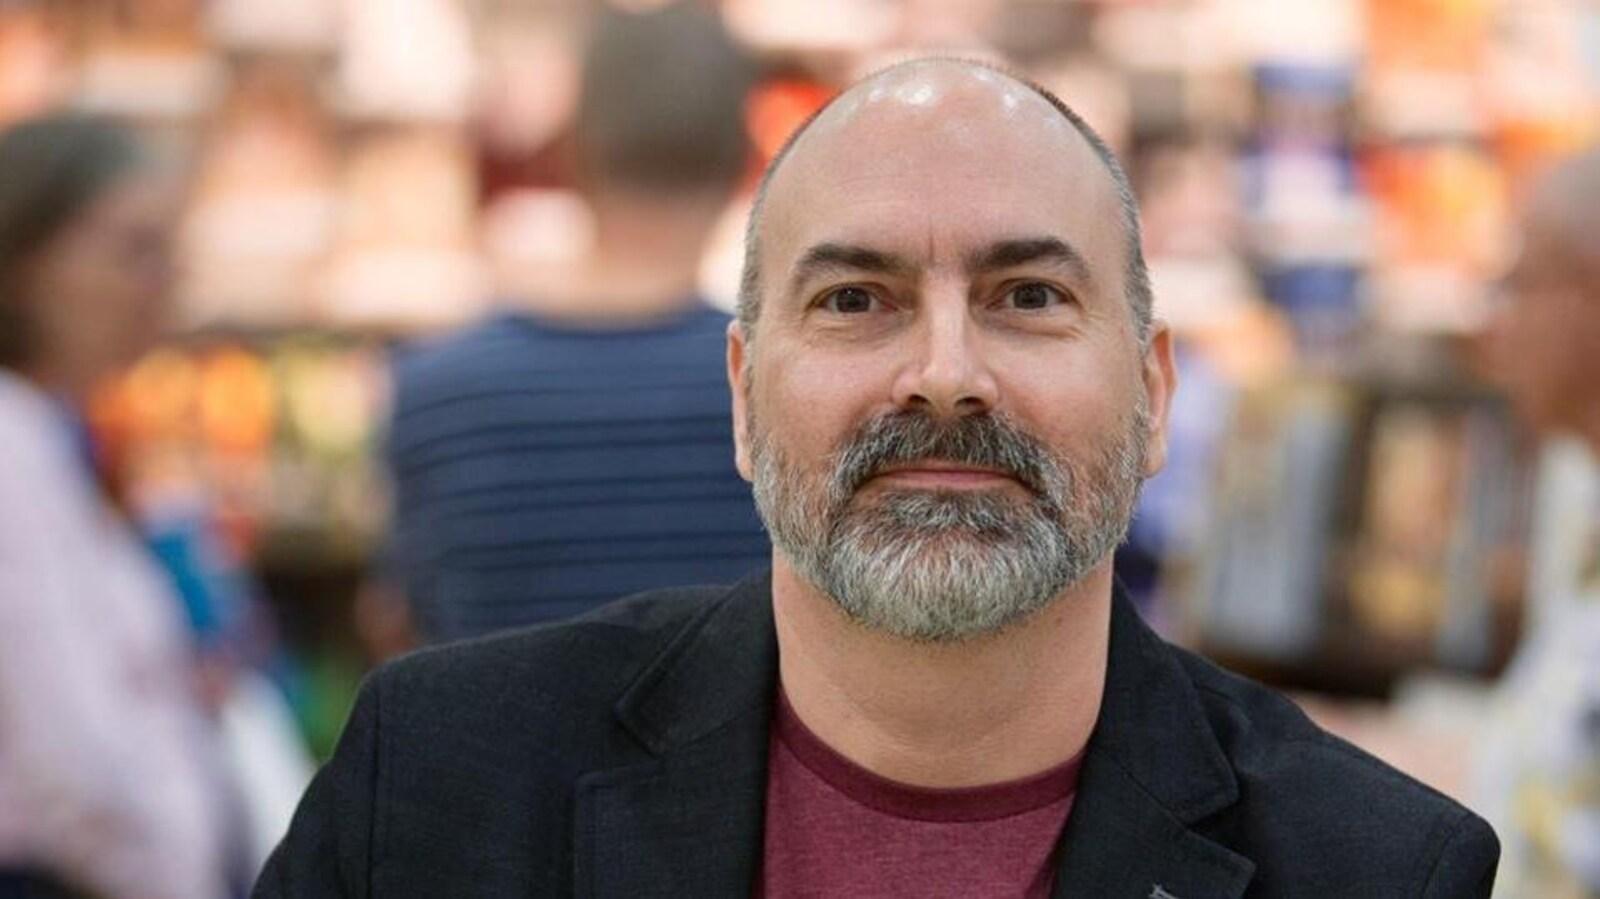 L'auteur Yvan Godbout photographié lors d'un salon du livre. On aperçoit, à l'avant-plan, une copie de son roman «Les Yeux jaunes».